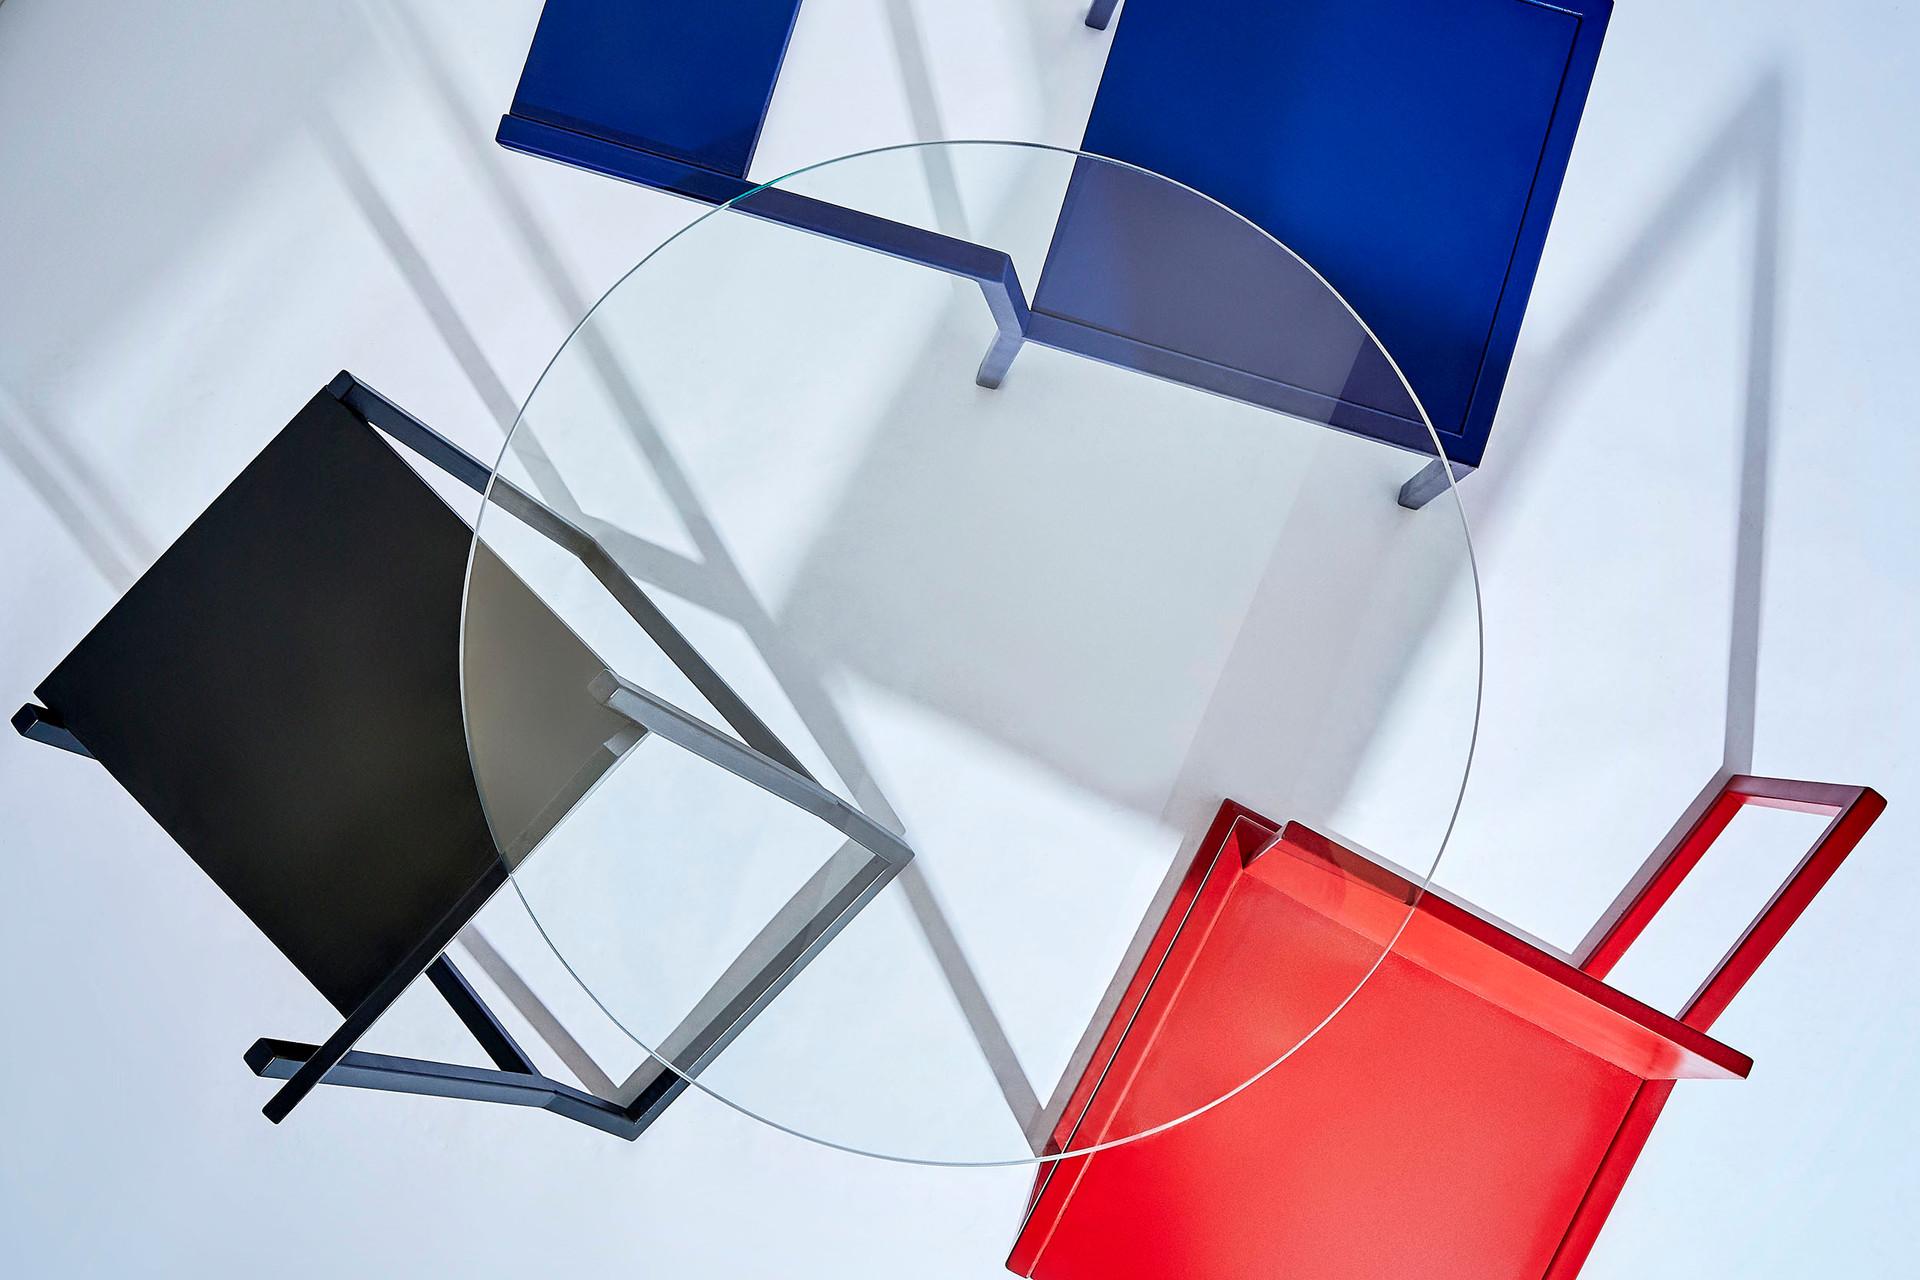 chairs1a.jpg